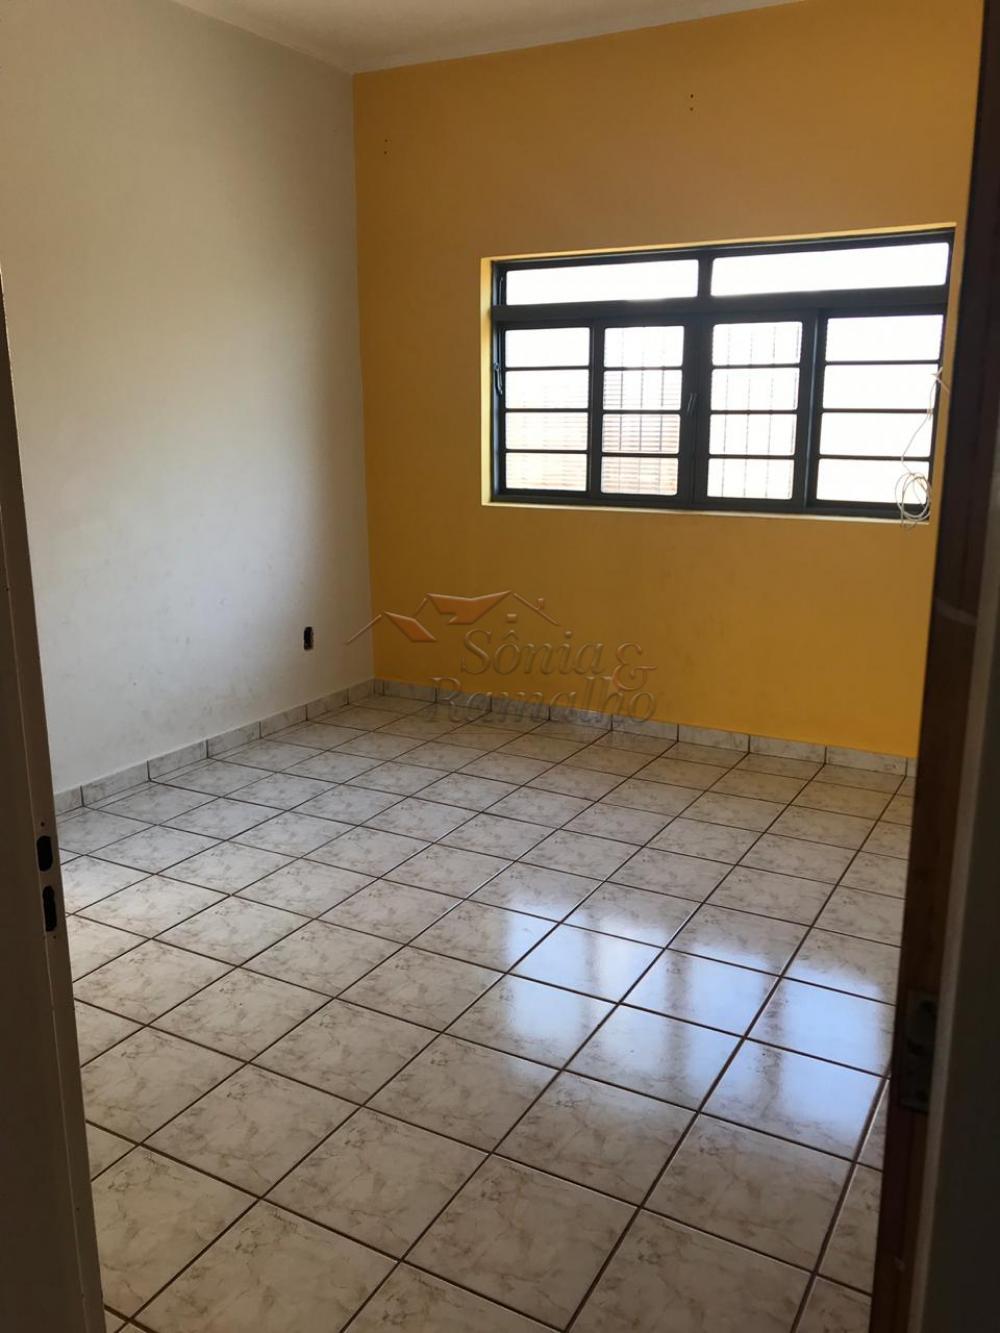 Comprar Casas / Padrão em Ribeirão Preto apenas R$ 340.000,00 - Foto 4